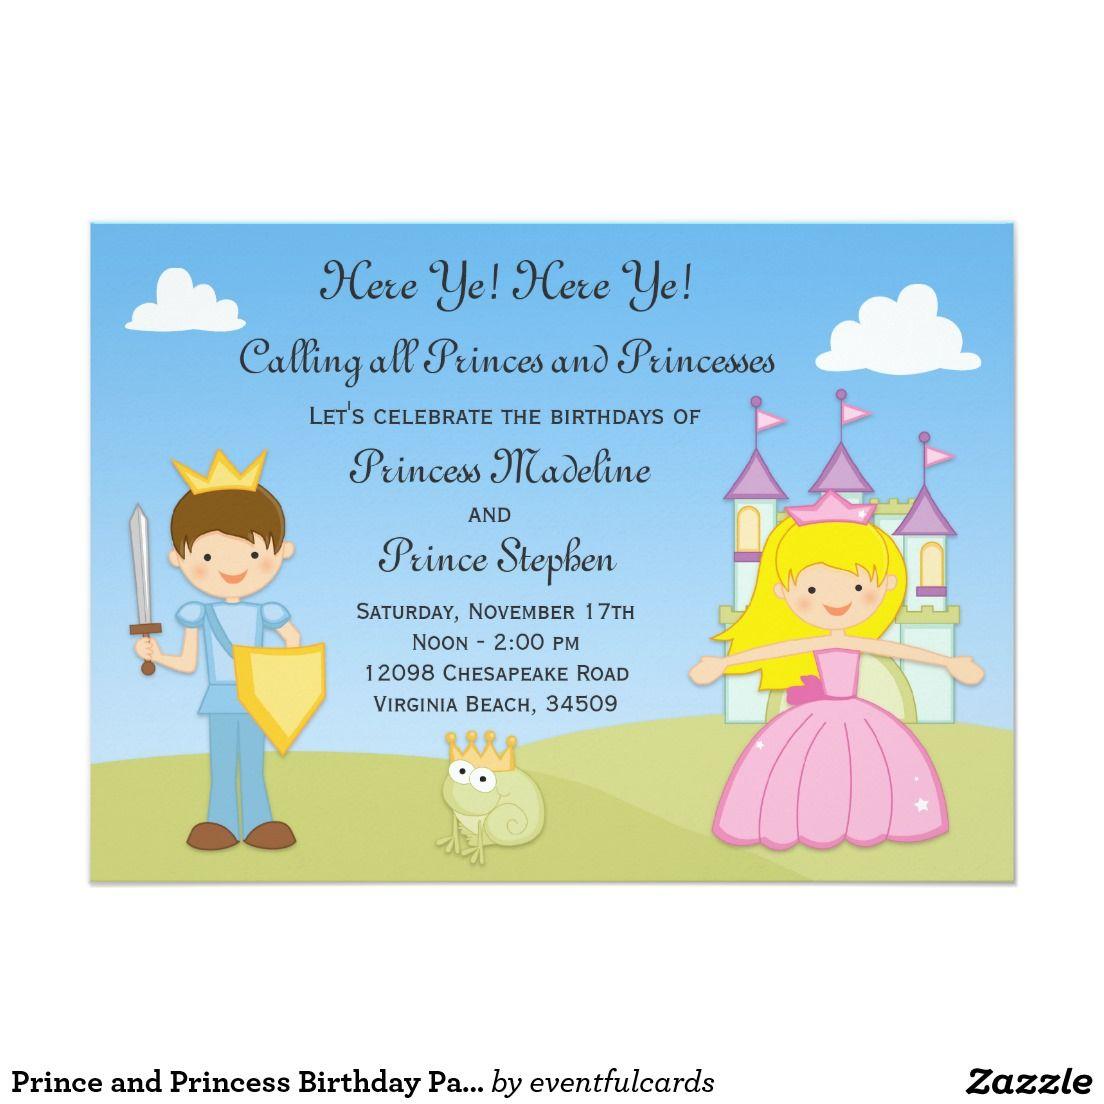 Prince and Princess Birthday Party Invitation | Princess birthday ...